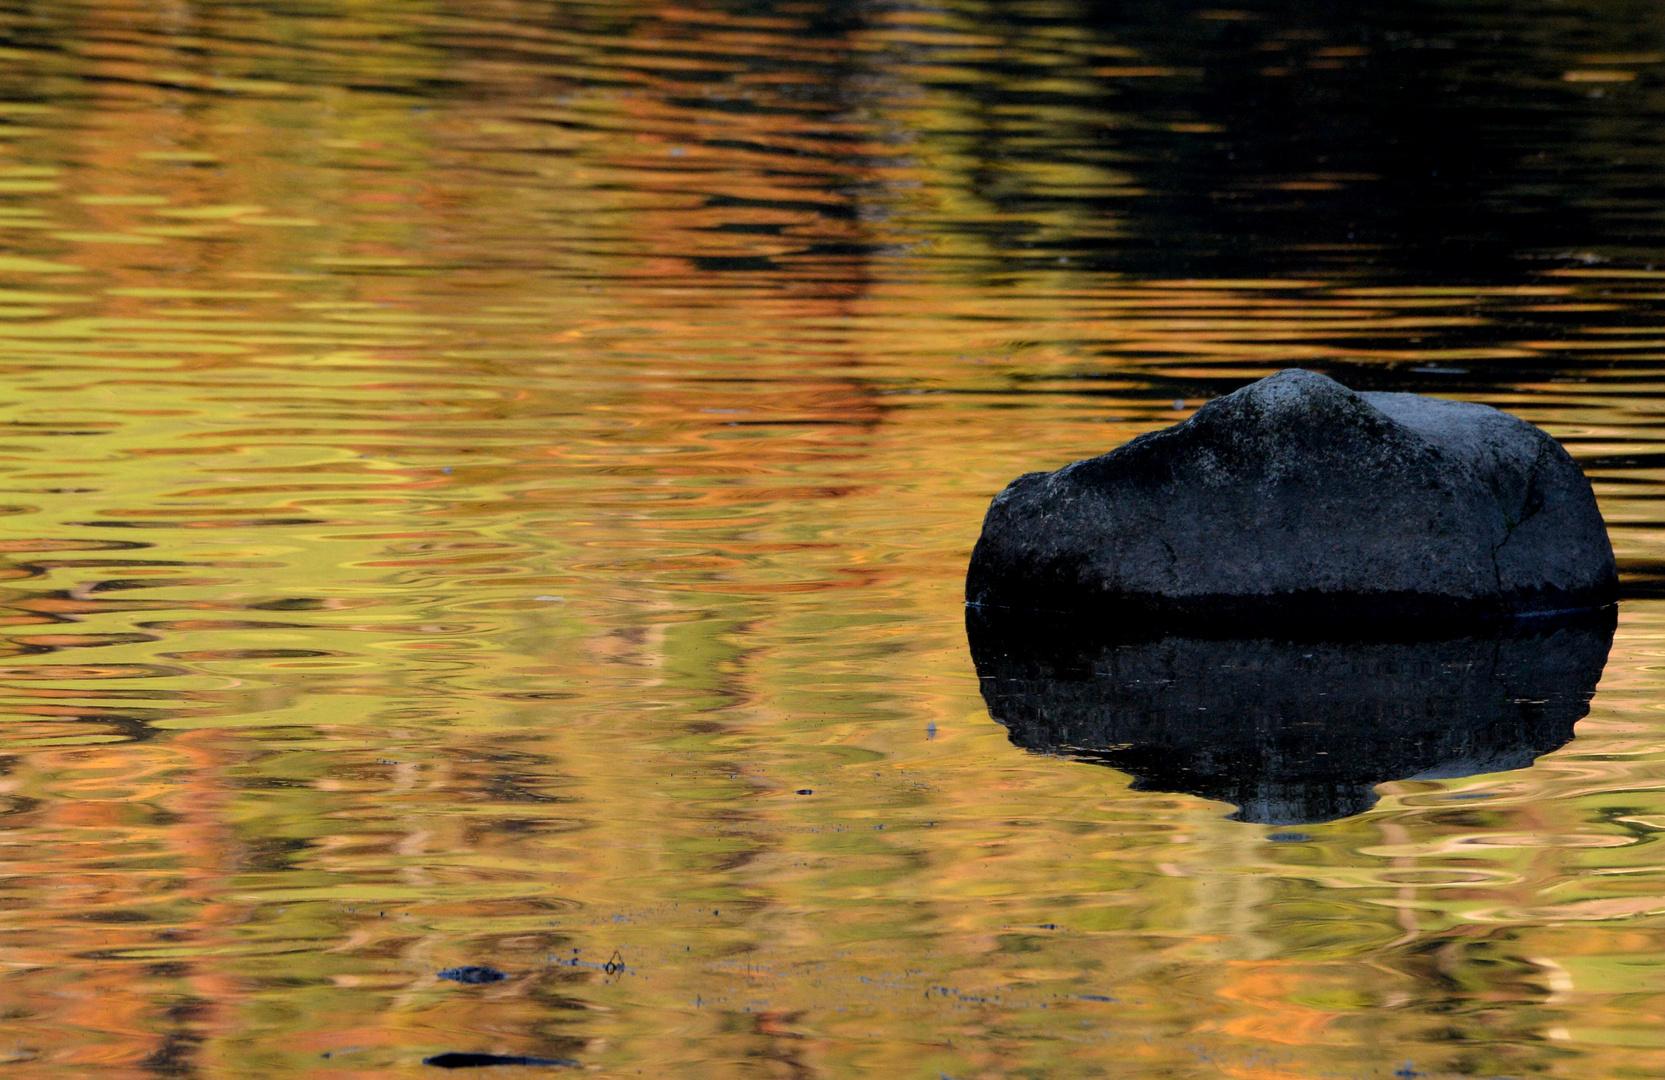 Stein im Wasser bei Sonnenuntergang